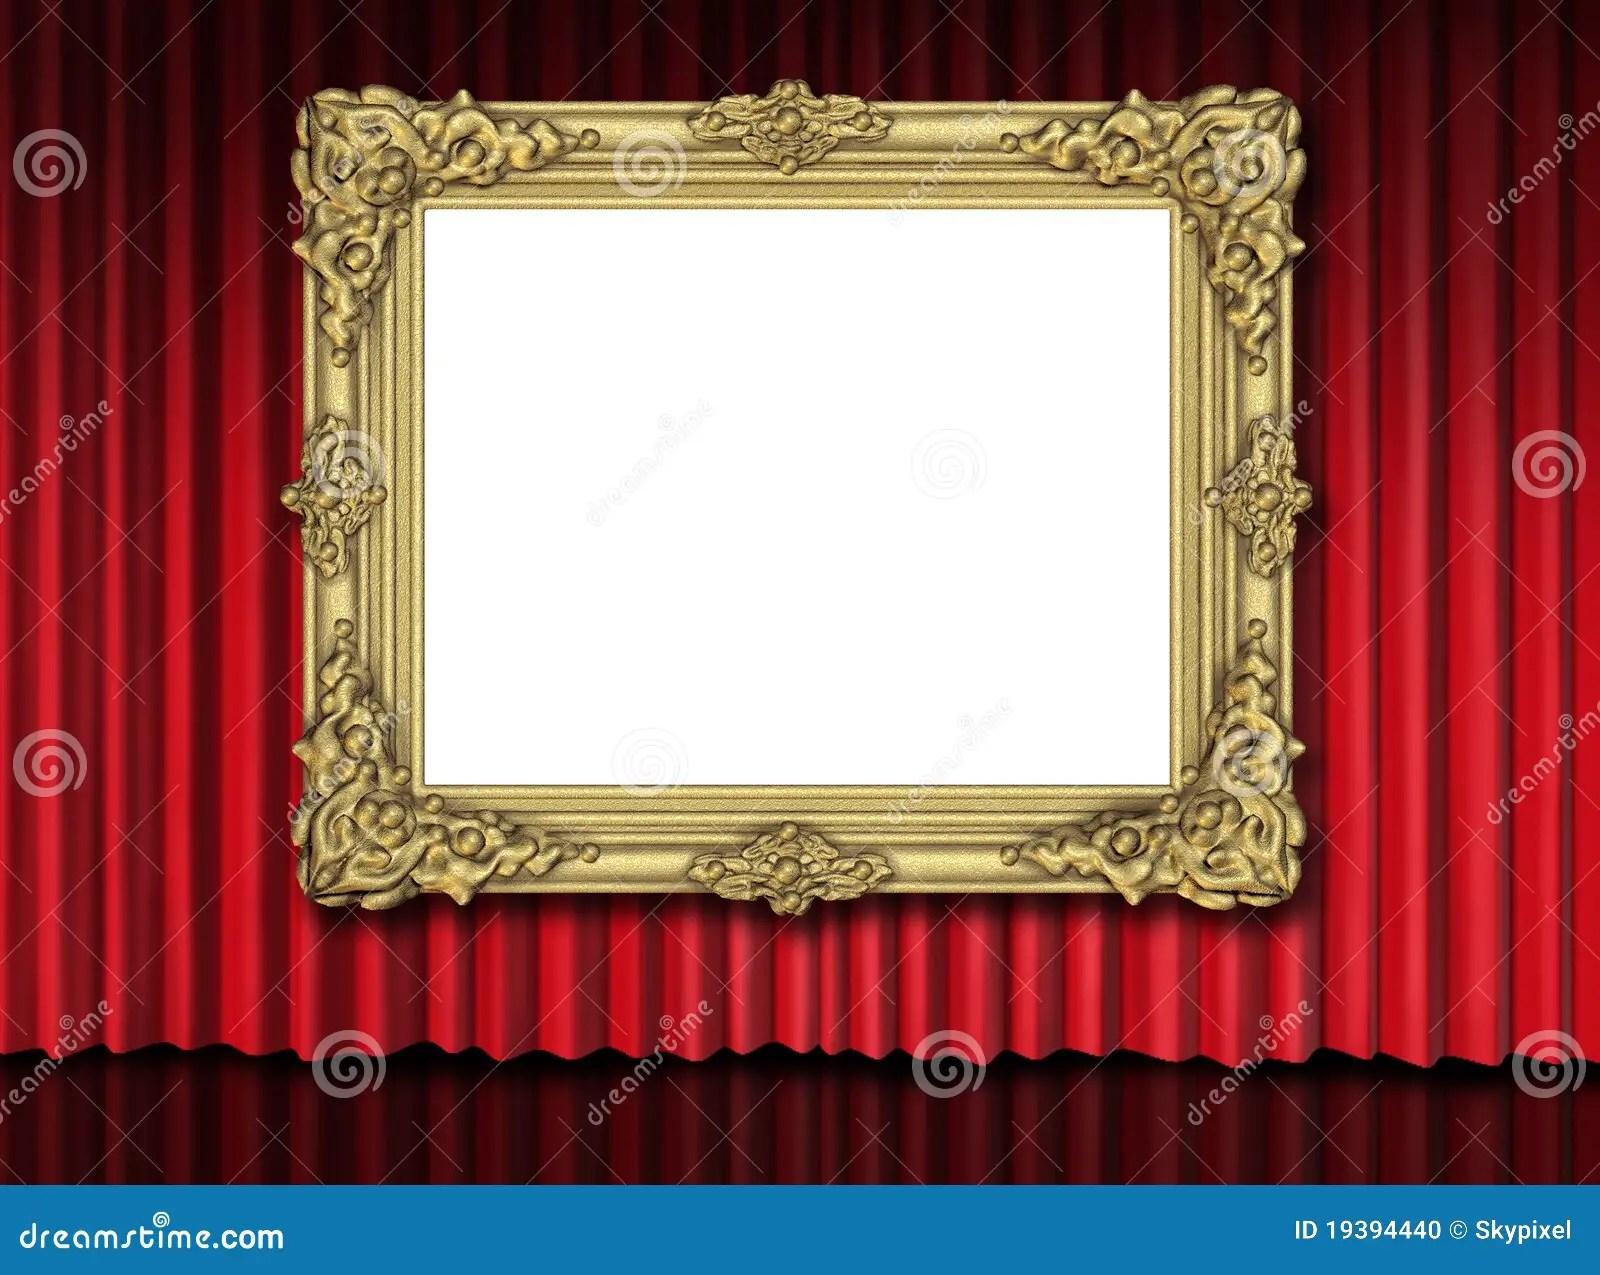 Gold Frame On Red Velvet Curtain Stock Illustration